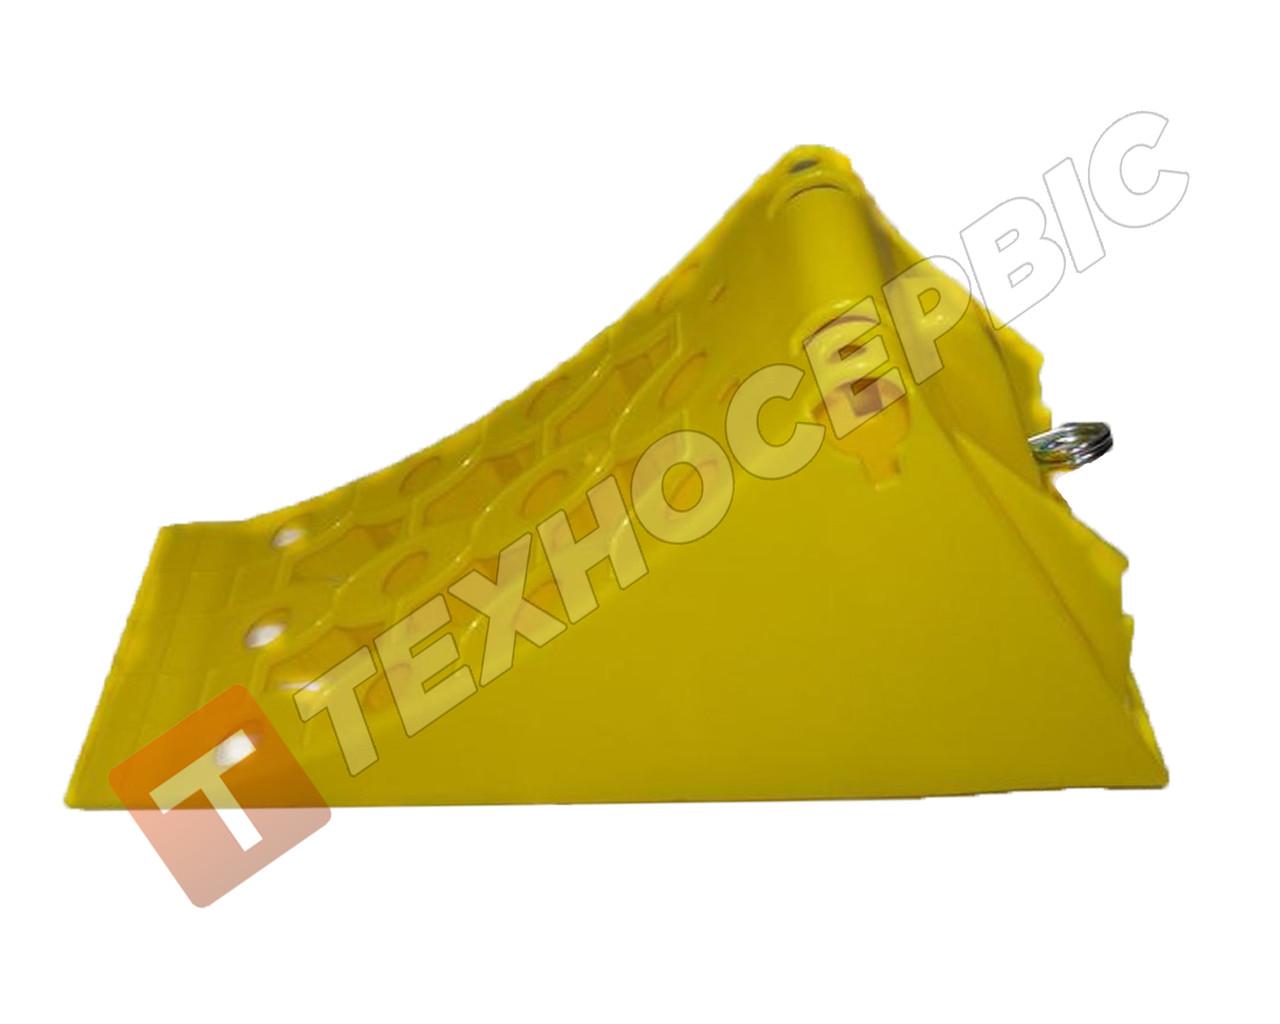 Башмак противооткатный пластиковый пластик 415х160х190(мм),Турция